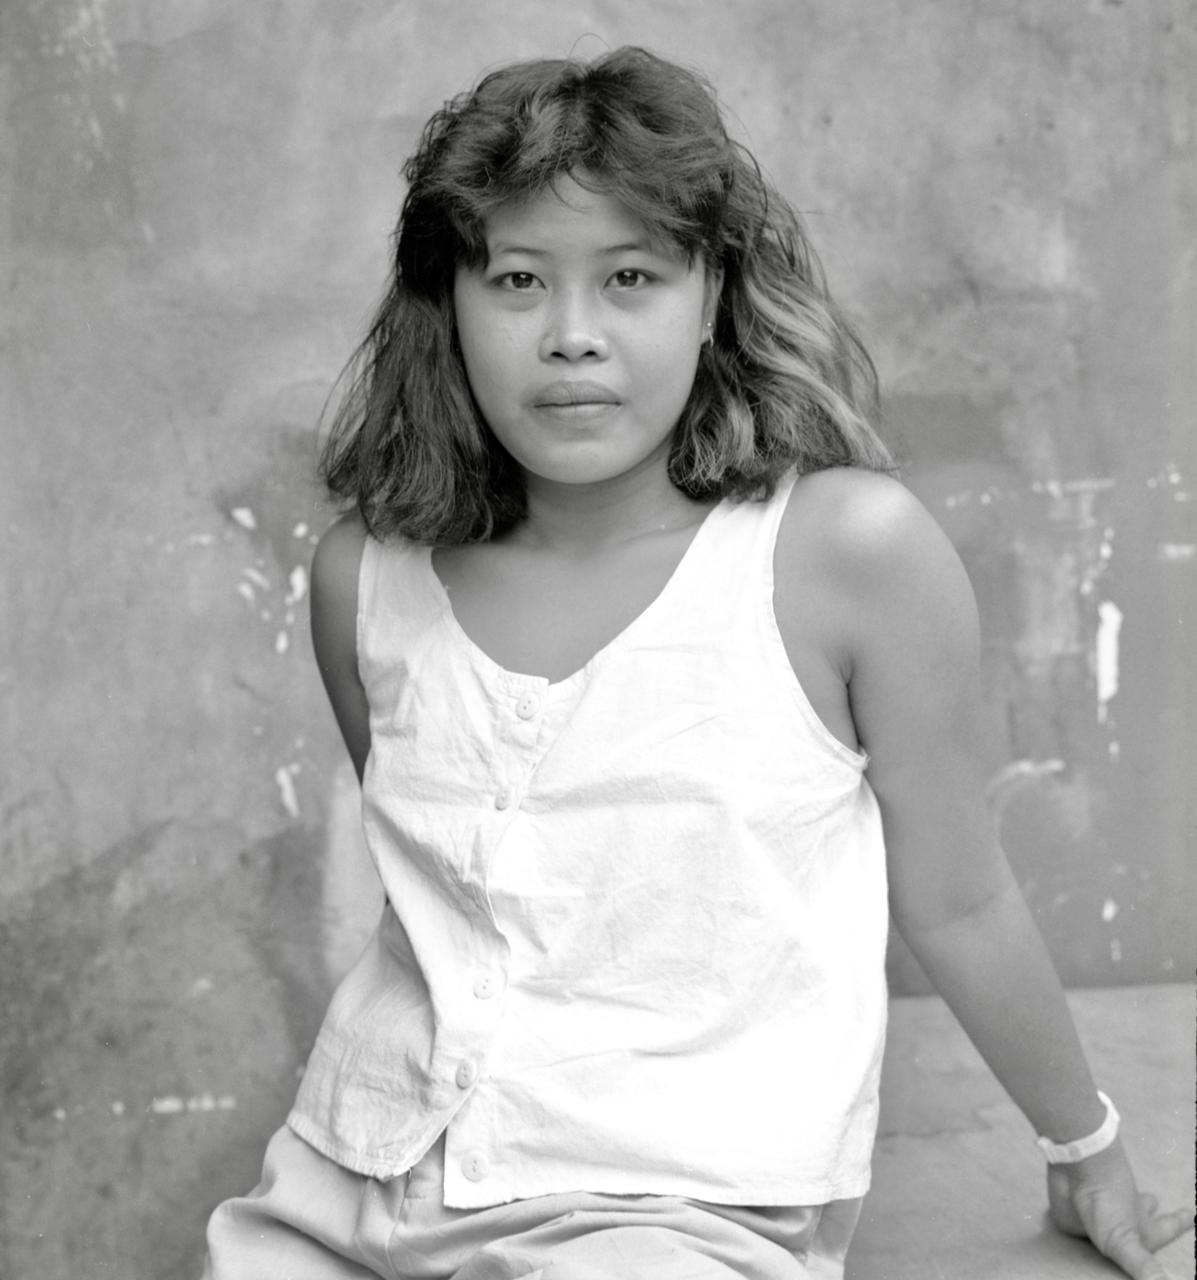 Peter's Friend, Subic City 1989